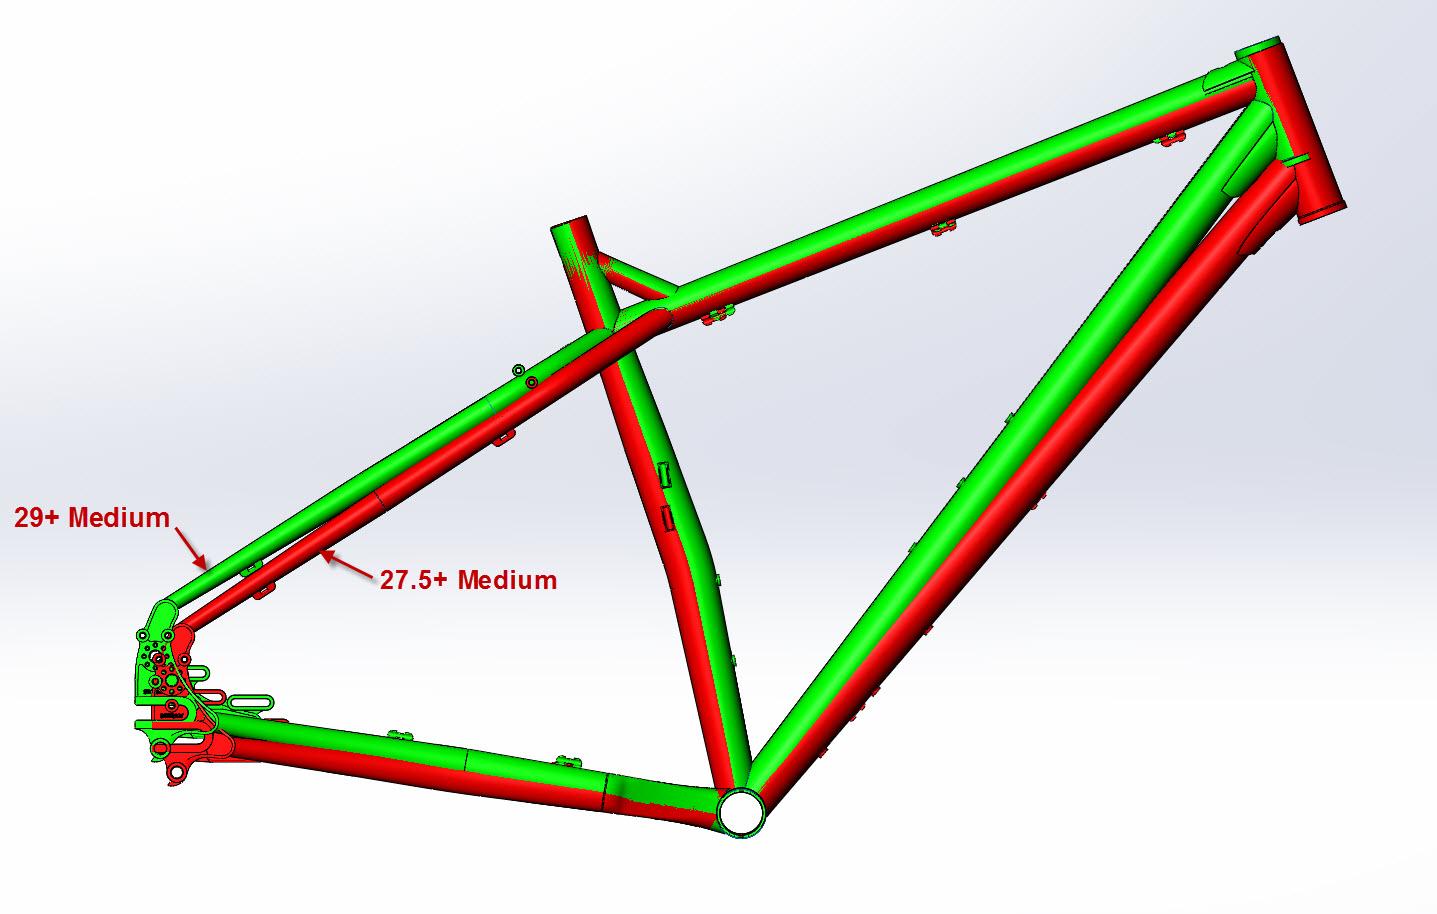 CAD Illustration of a Surly ECR bike frame